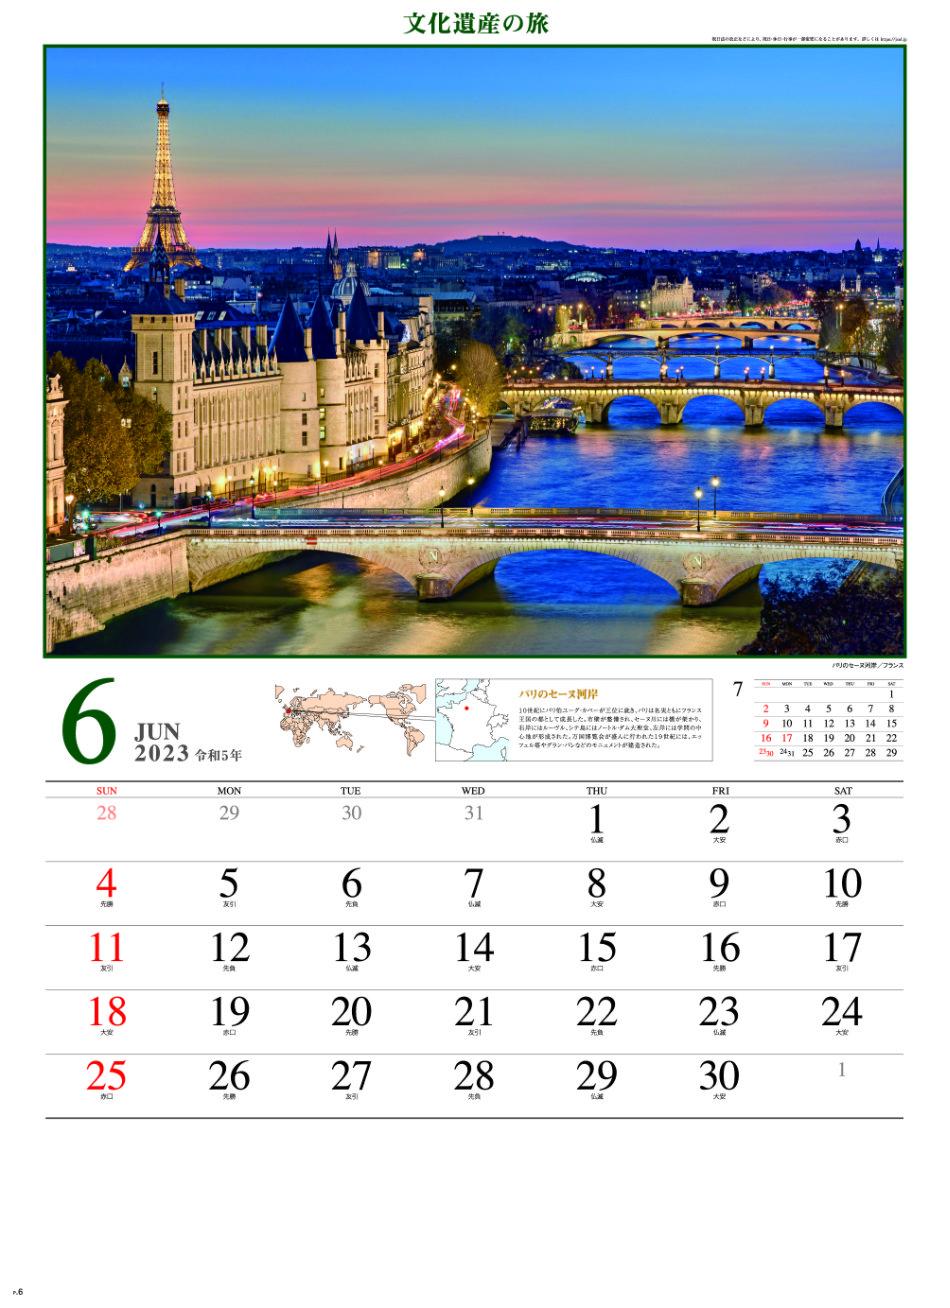 6月 ヴォロネツ修道院 ルーマニア 文化遺産の旅(ユネスコ世界遺産) 2022年カレンダーの画像